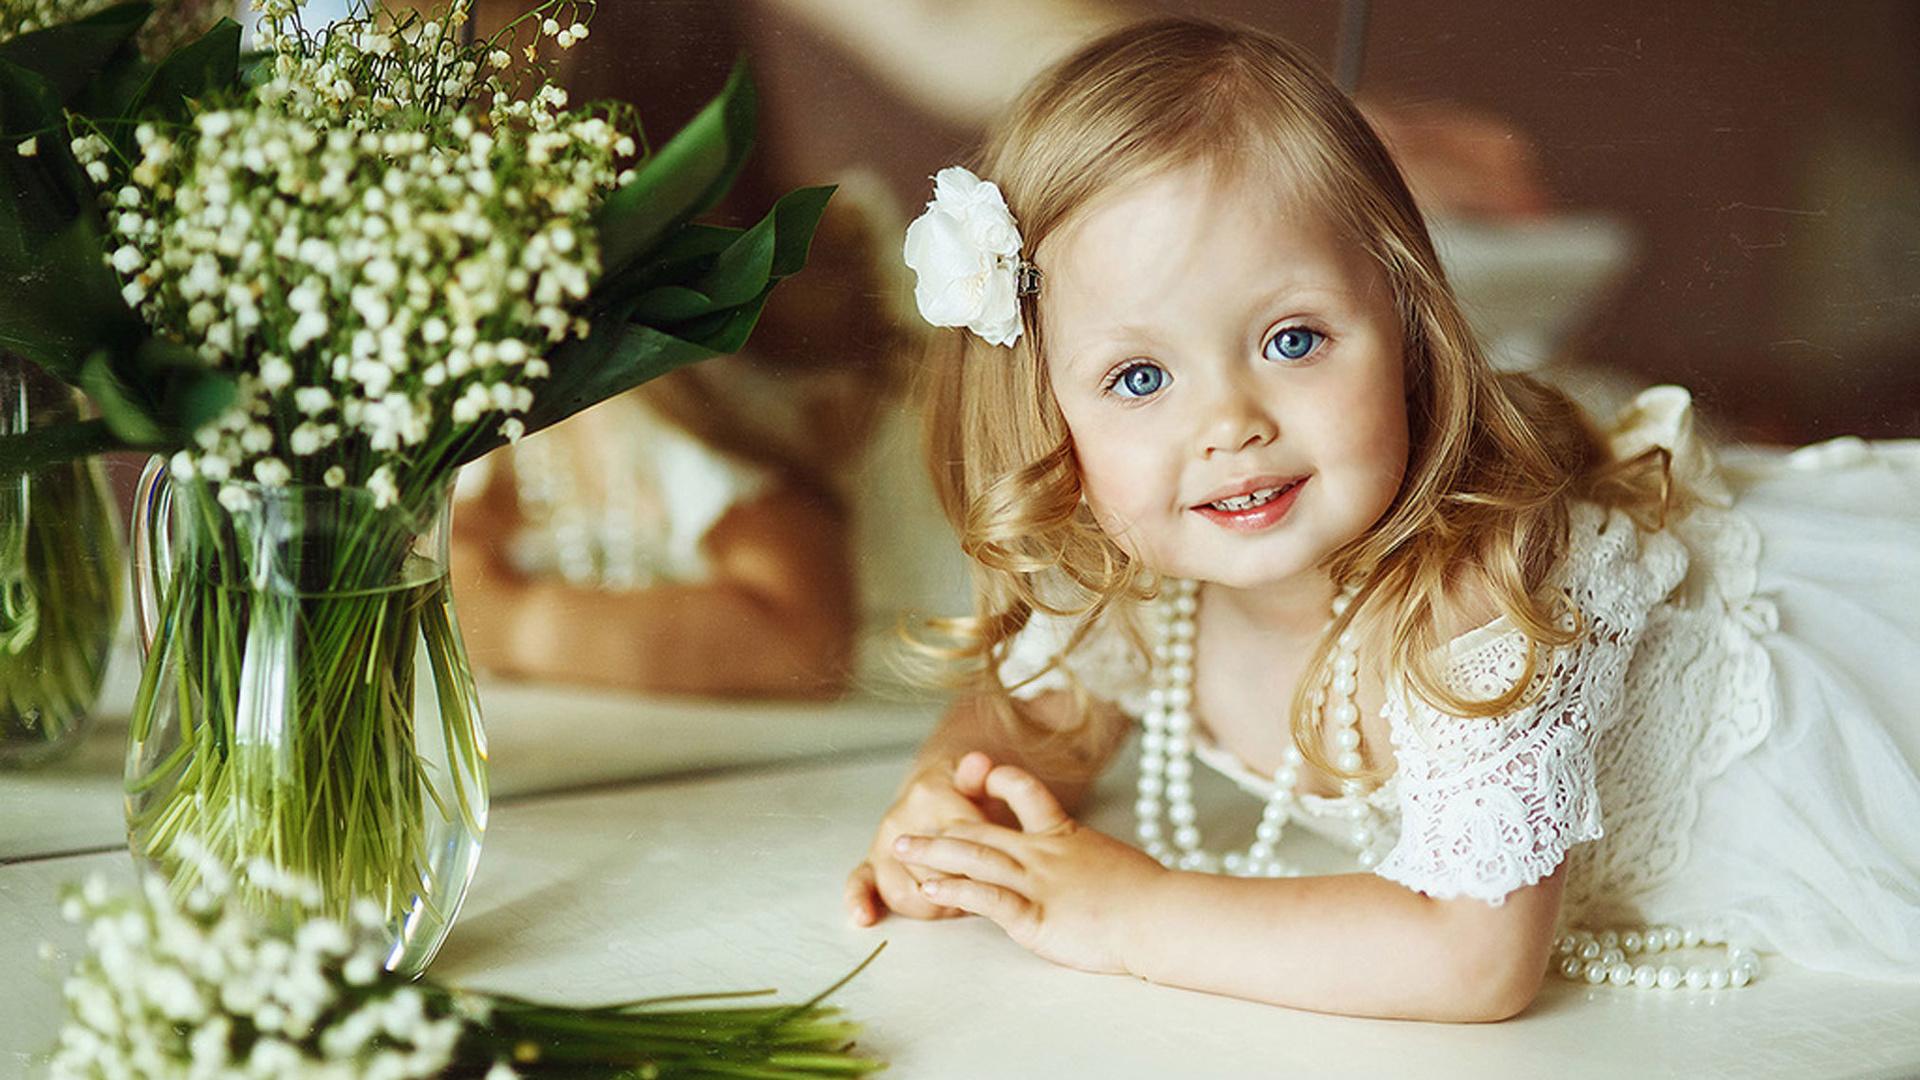 Открытки с фото ребенка, ссср открытки